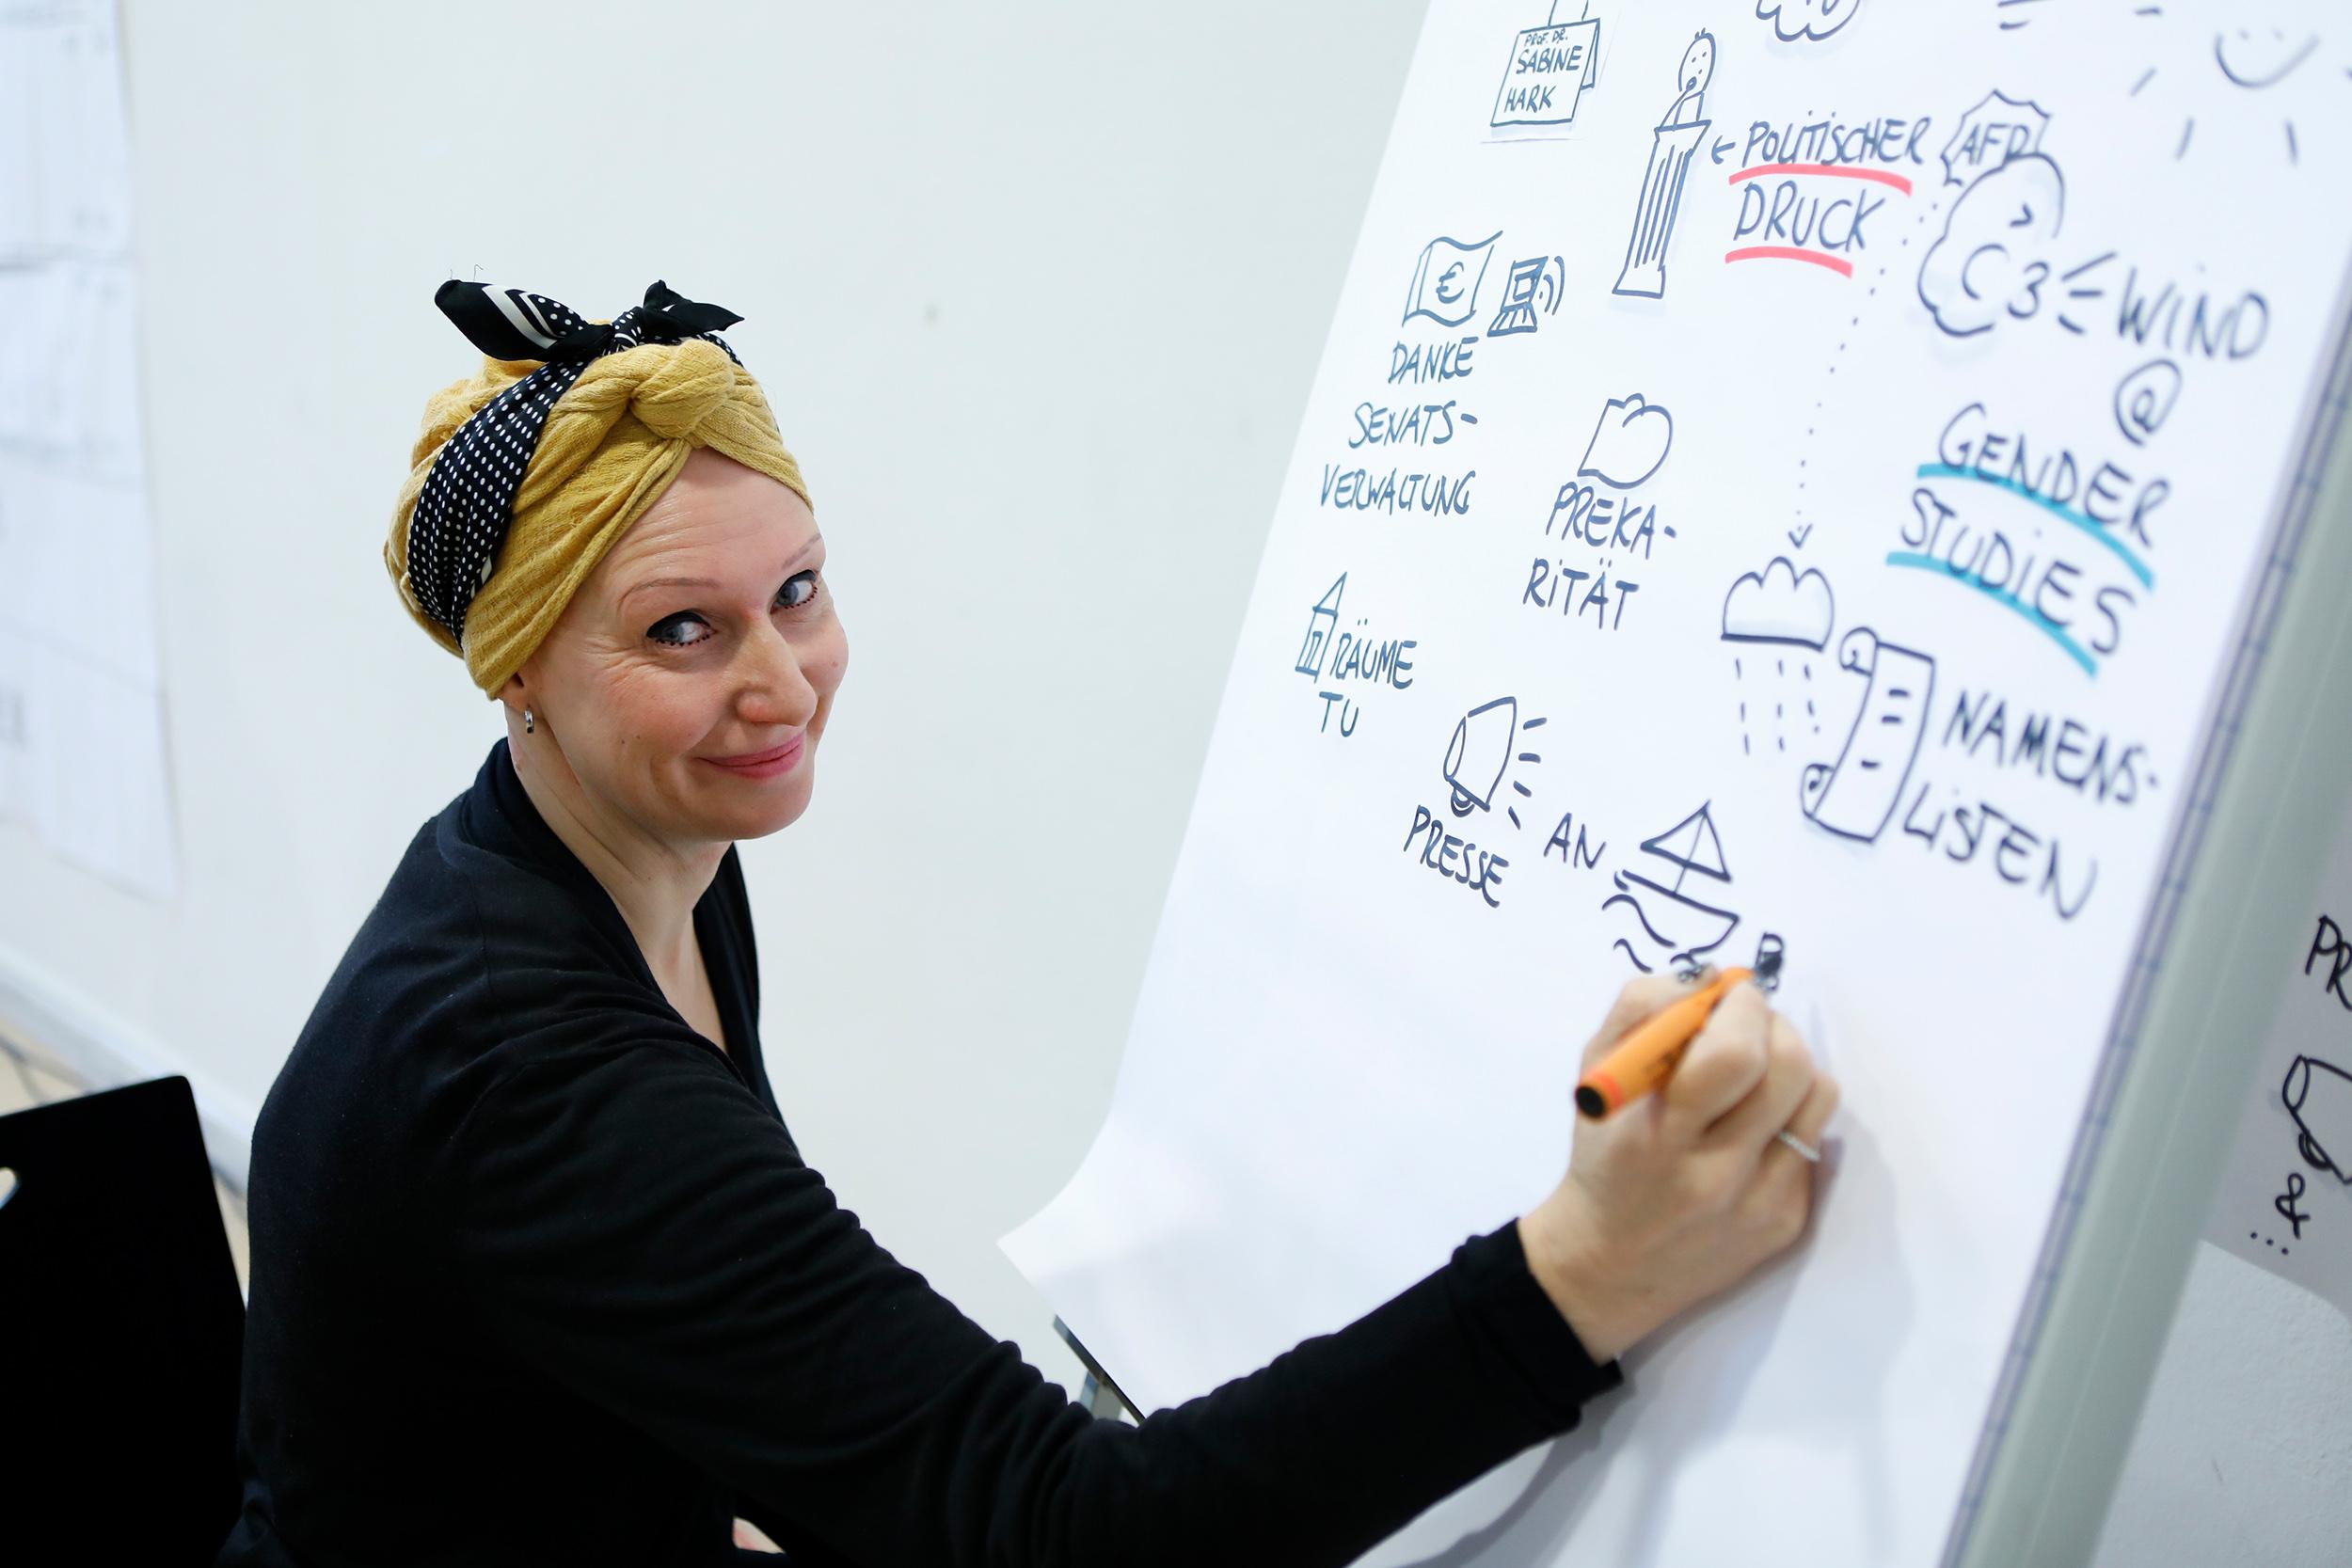 Beim Barcamp Der Gender Studies Fertigte Nina Neef Ein Live Graphic Recording Für Die Afg Berlin In Der TU Berlin An.